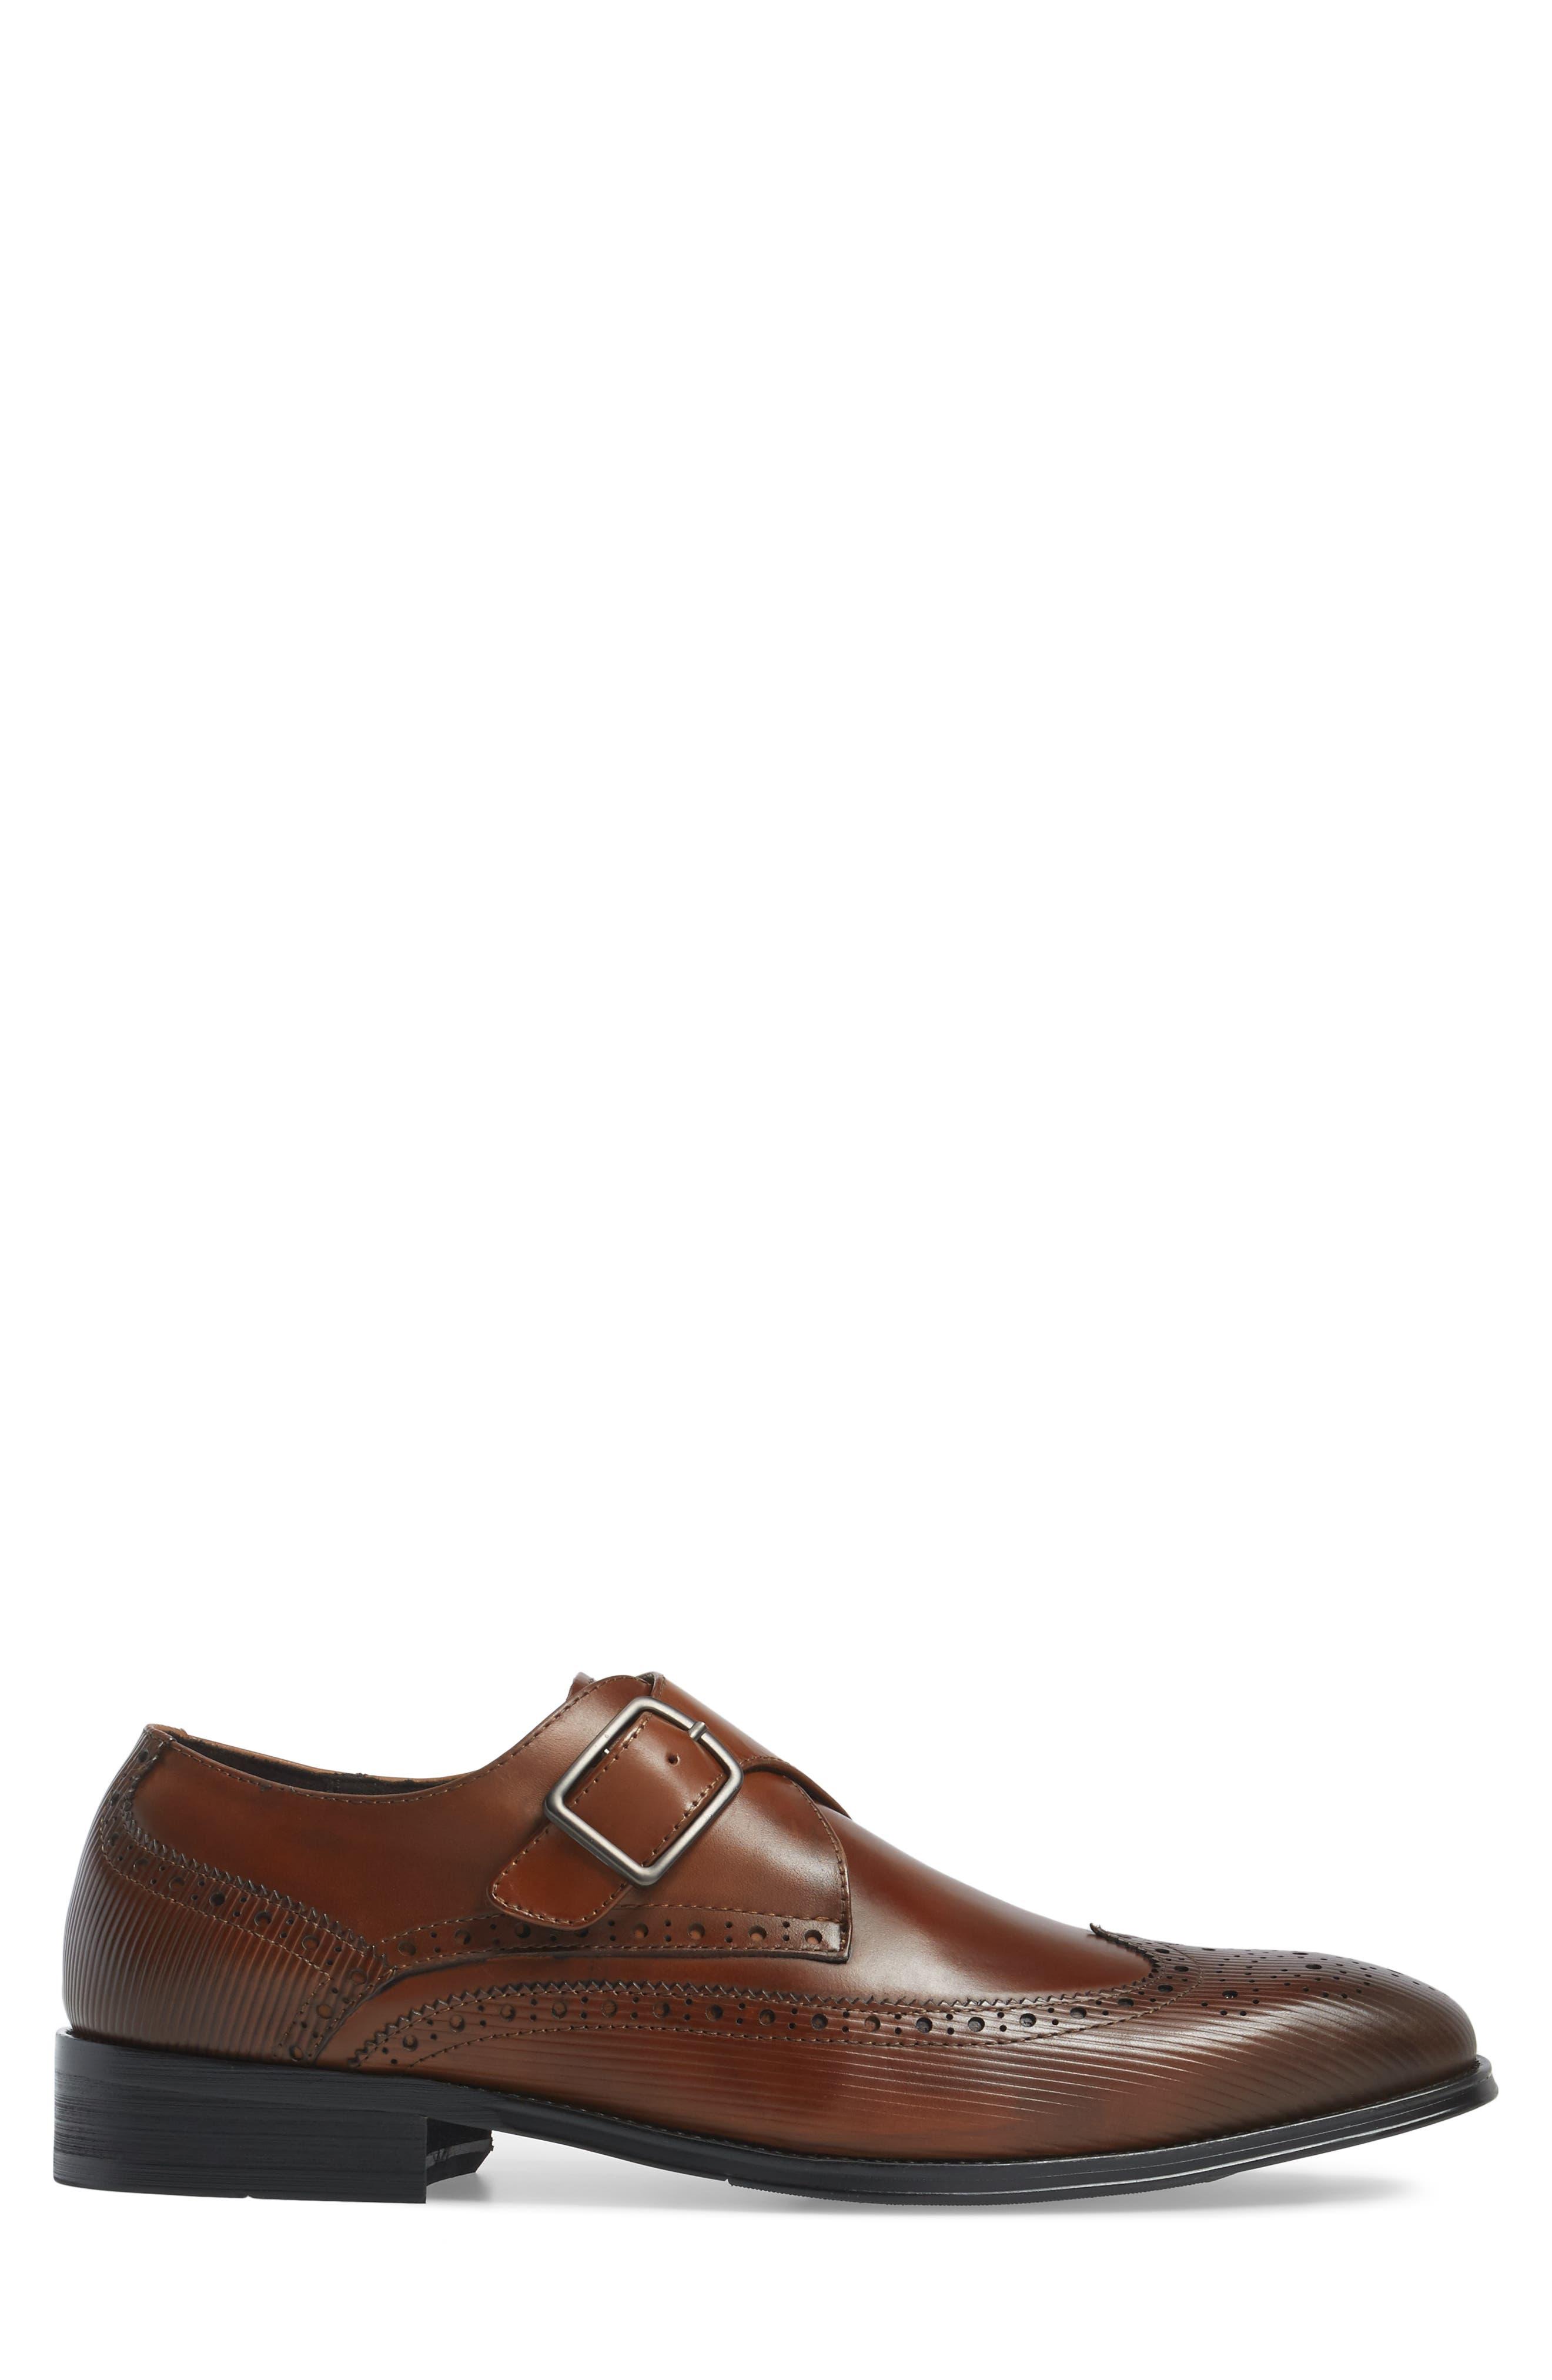 Design Monk Strap Shoe,                             Alternate thumbnail 3, color,                             Cognac Leather